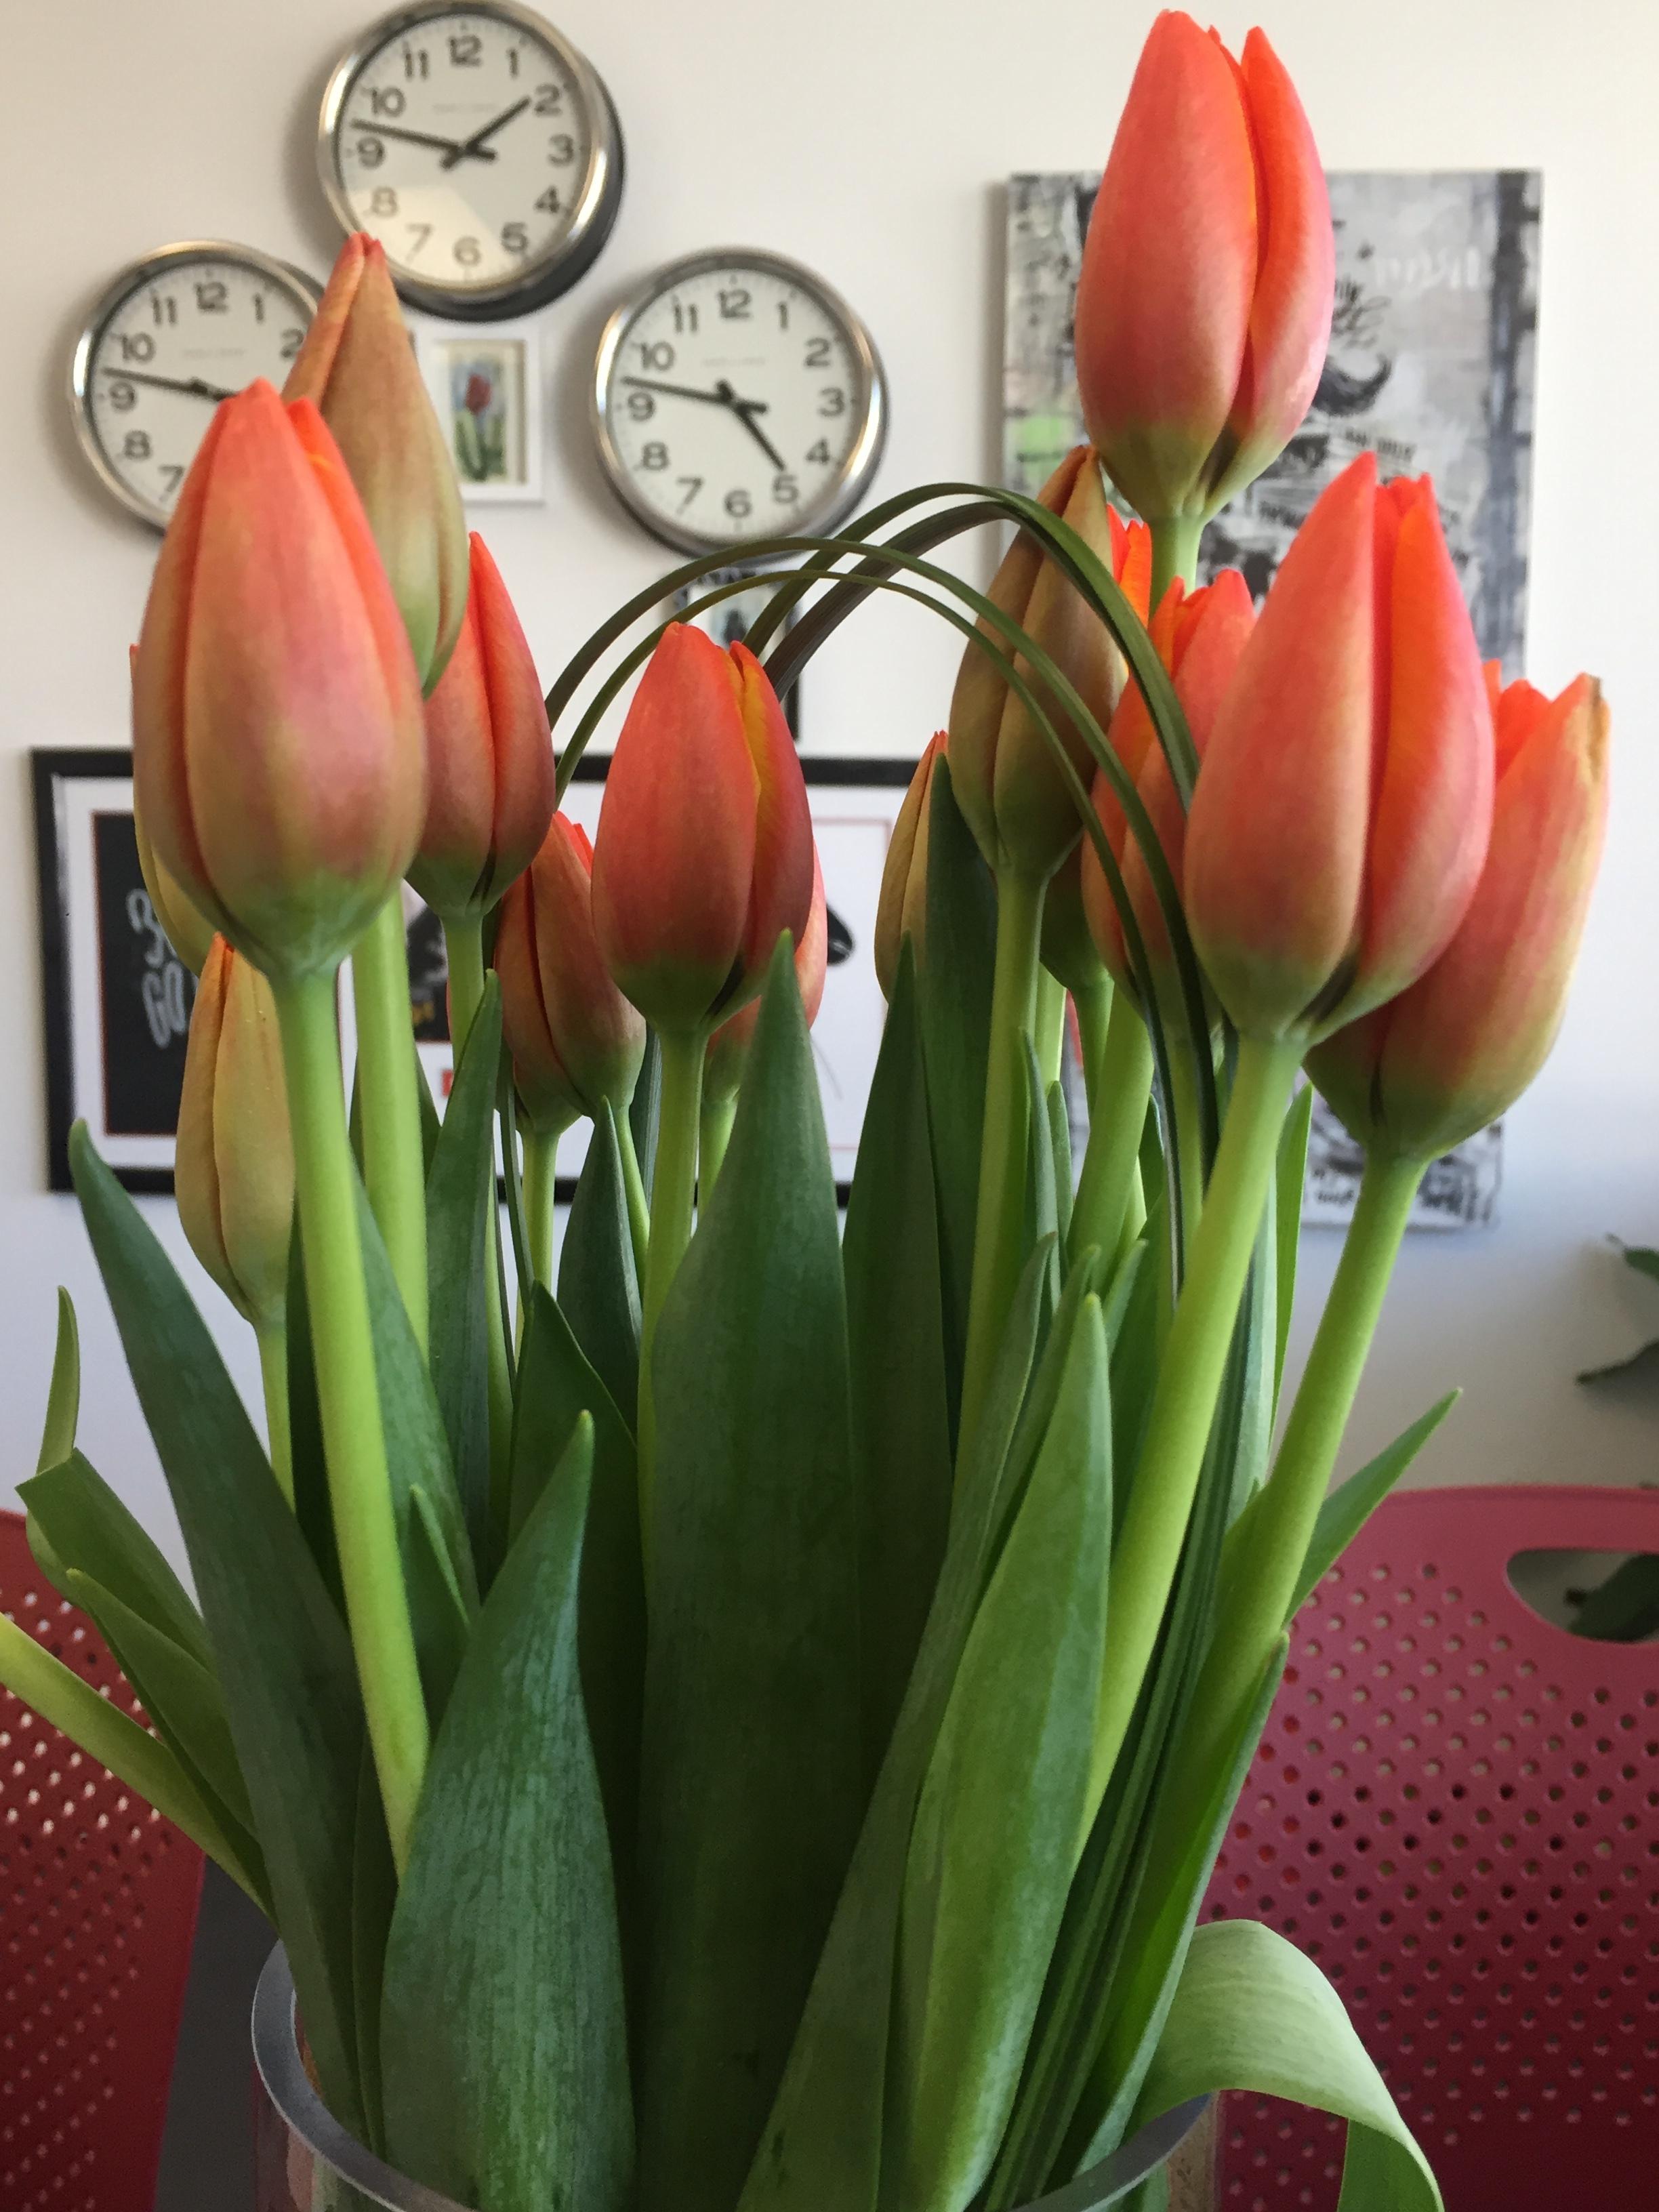 office-flowers-los-altos-hills.JPG